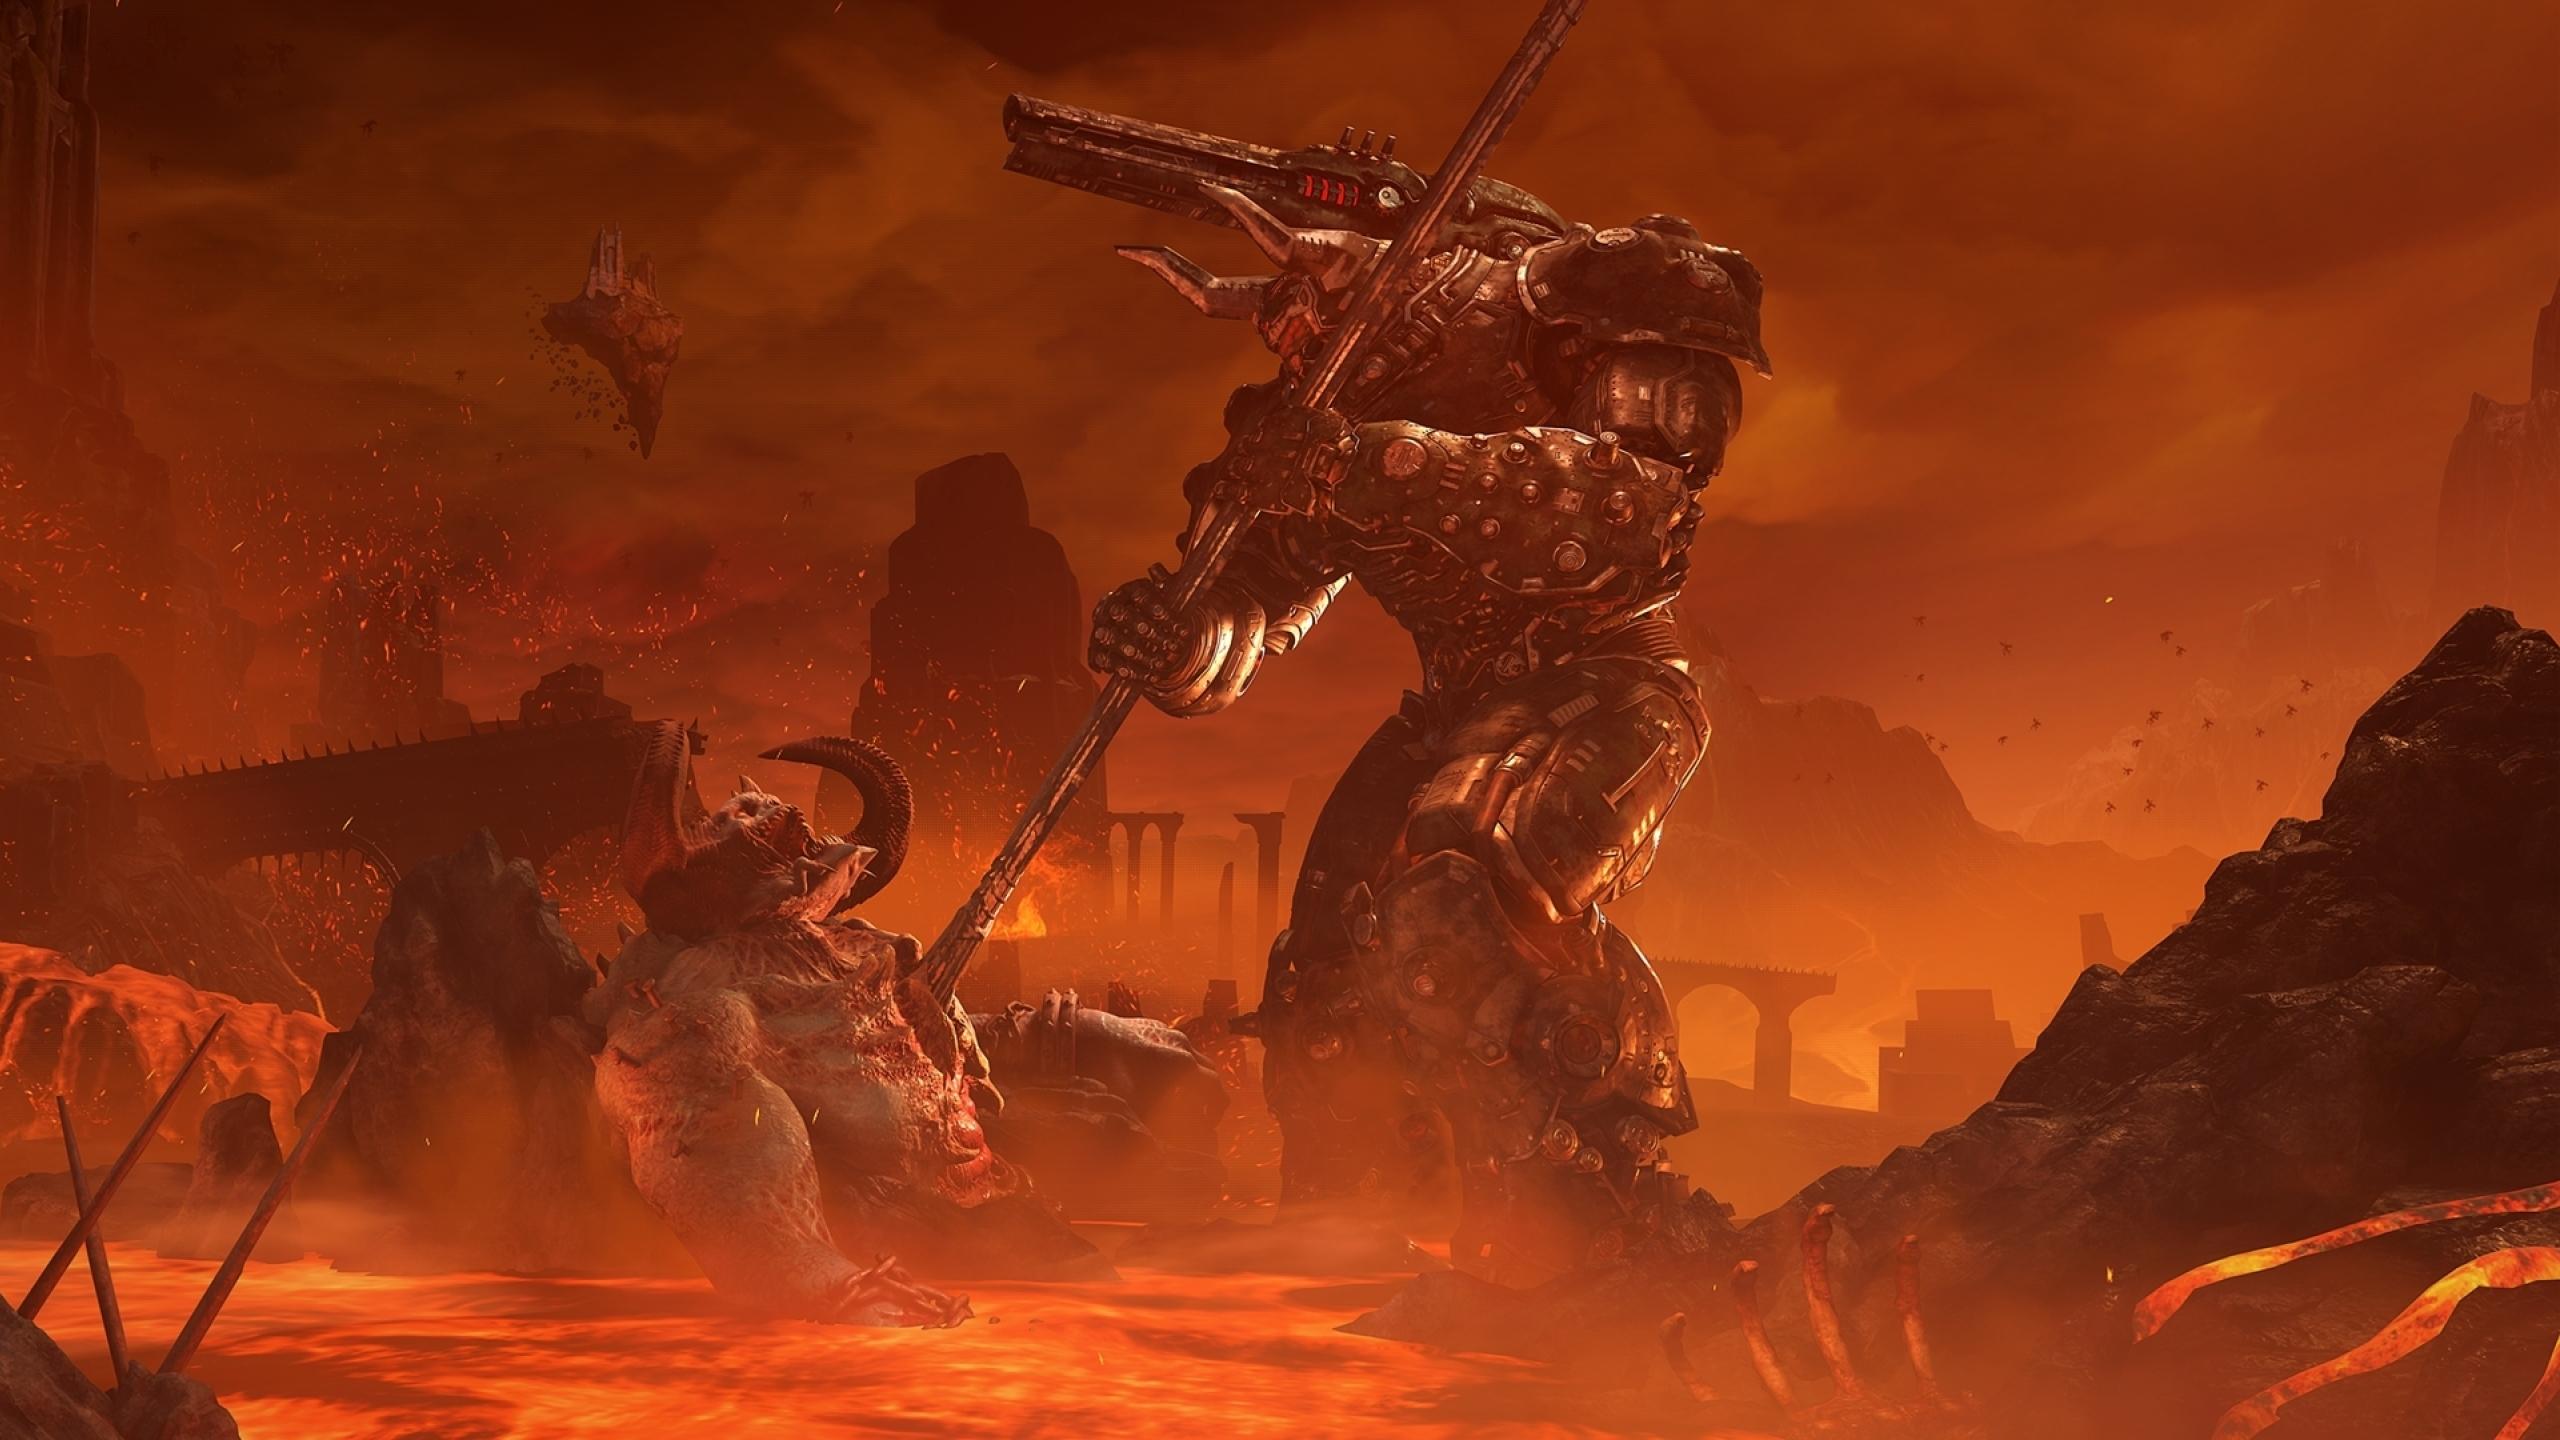 2560x1440 Doom Eternal 2020 1440p Resolution Wallpaper Hd Games